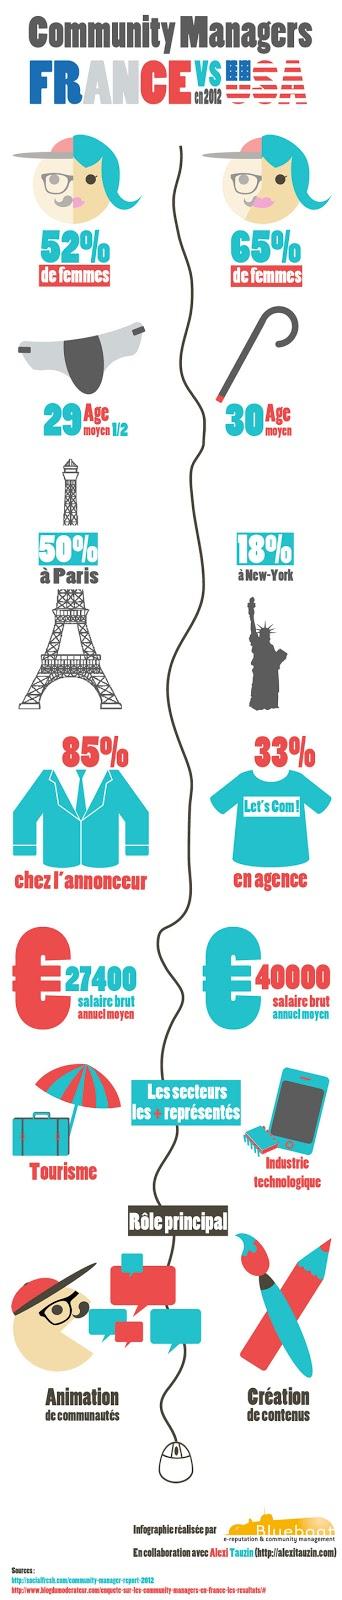 Infographie : Le Community Manager français VS le Community Manager américain